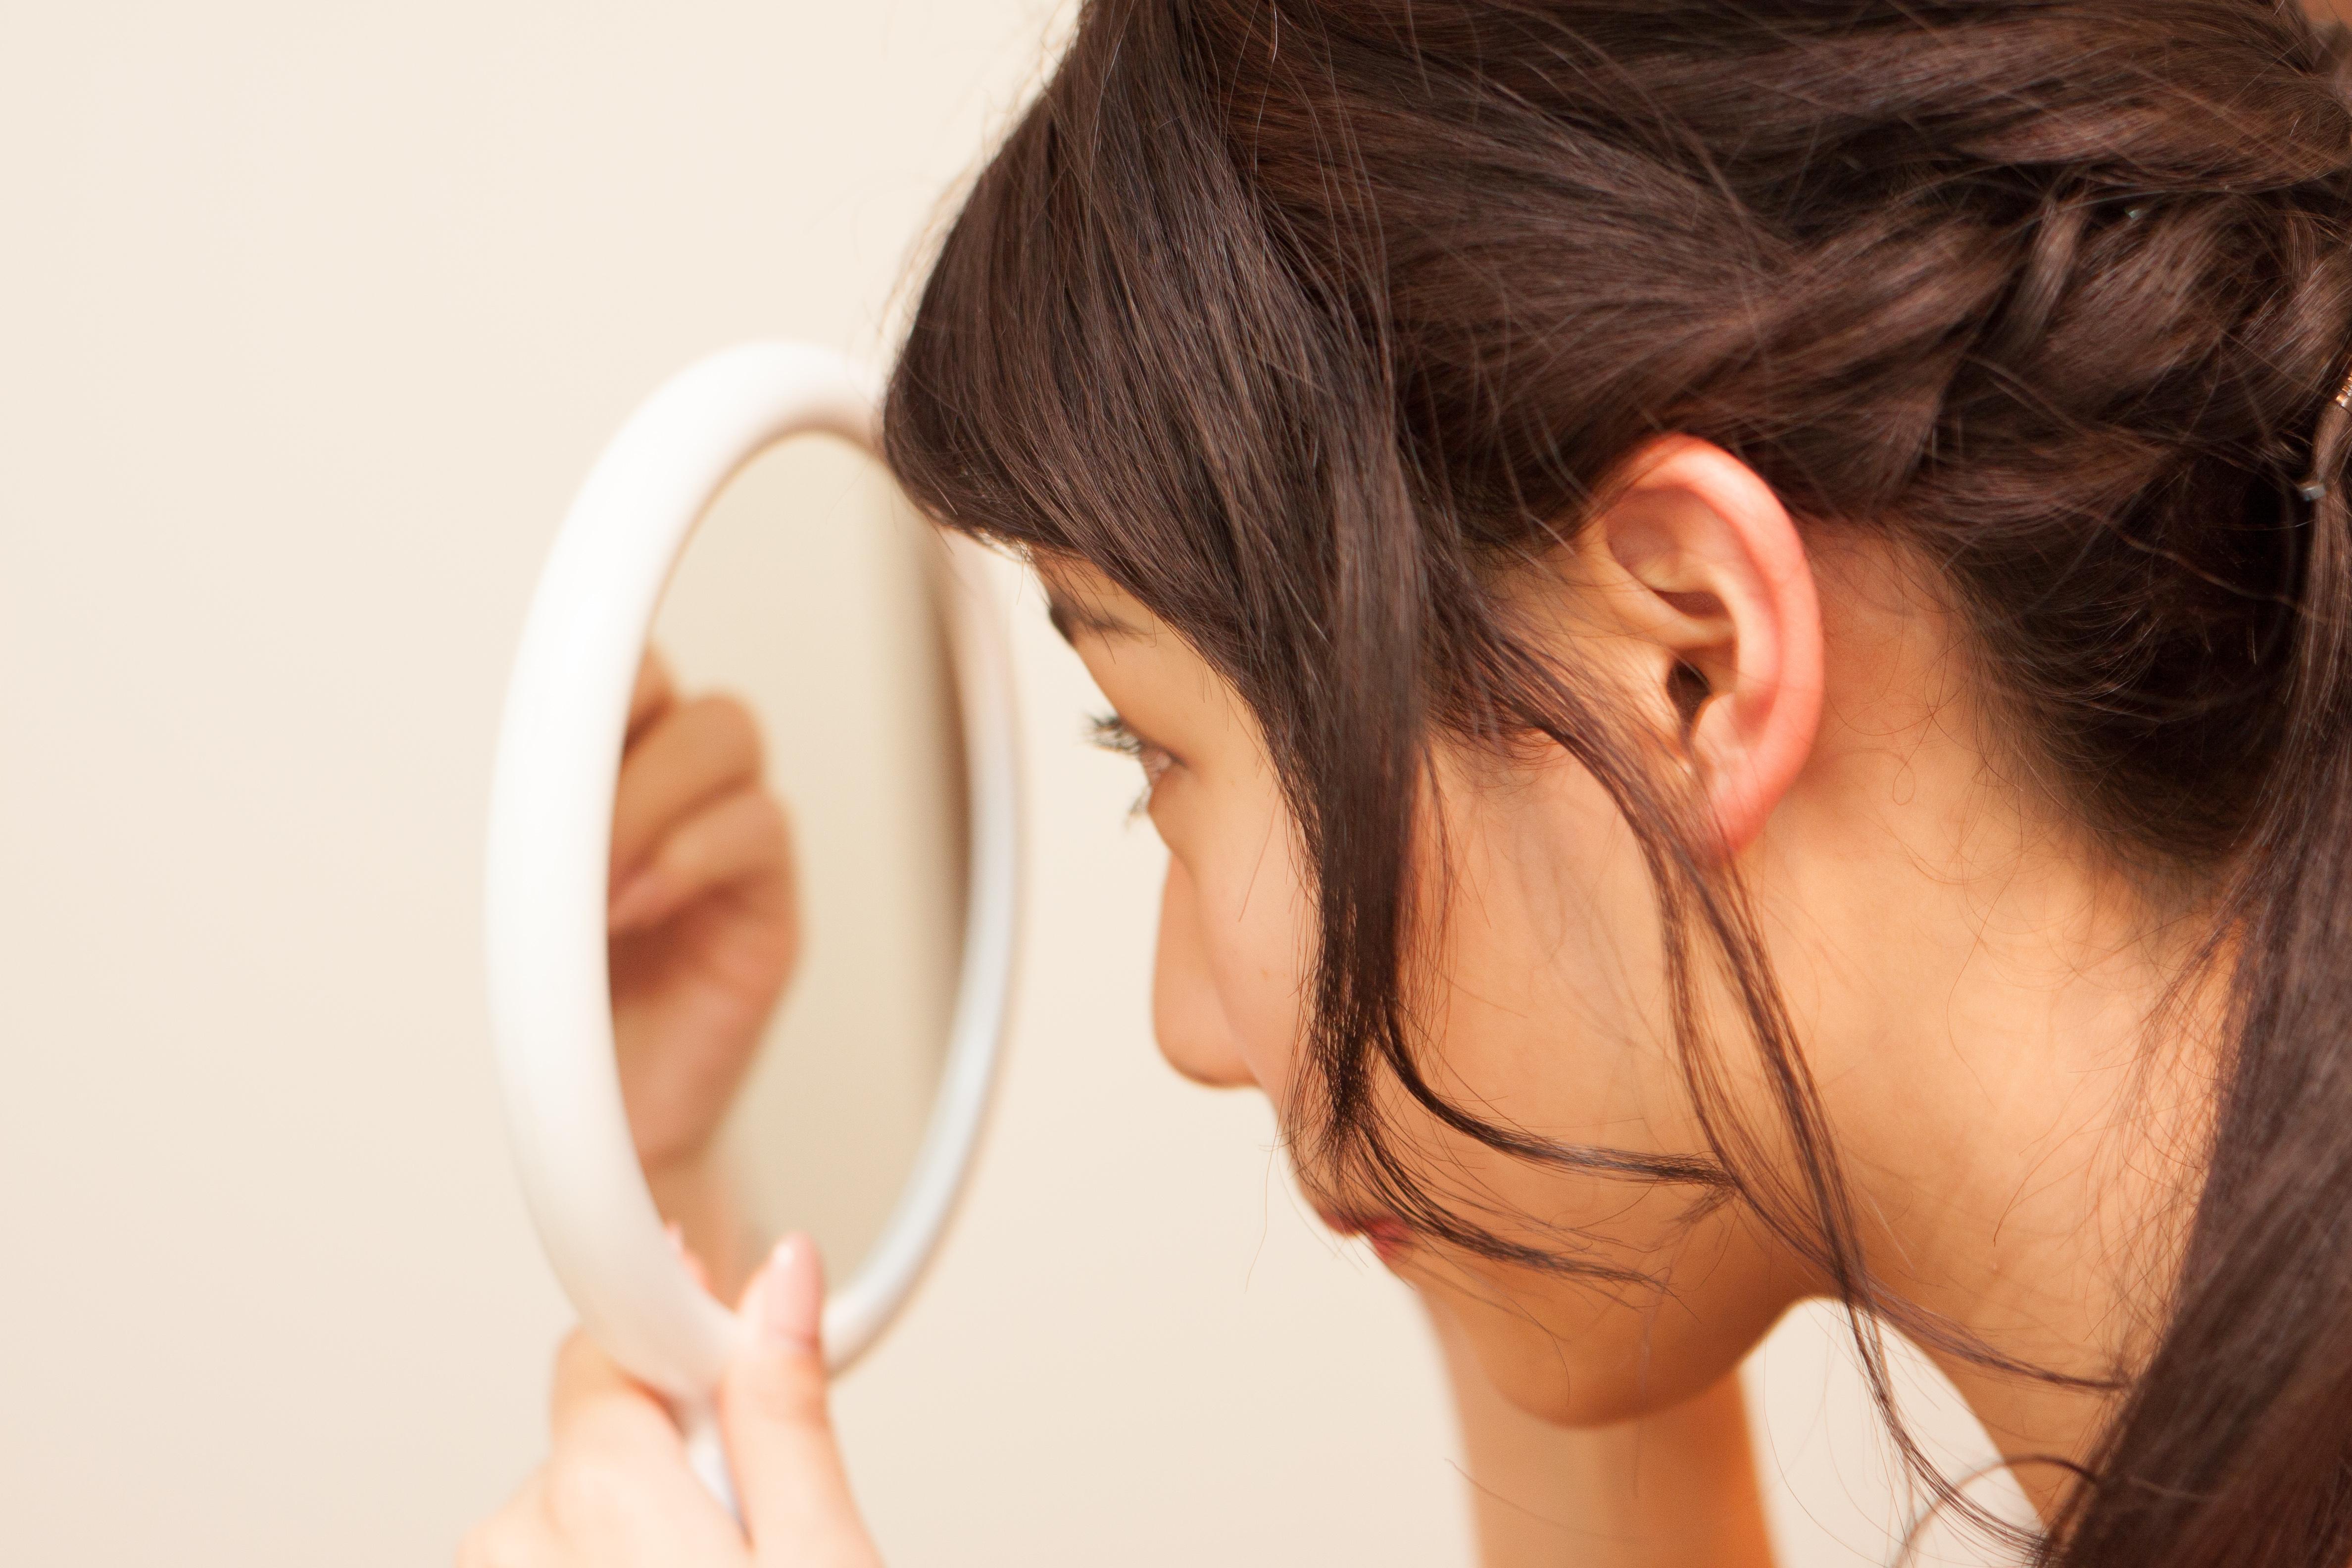 素肌美人をめざそう!松坂屋南館『ファブリス』で女性のための肌に優しいシェービングを体験 - IMG 3653